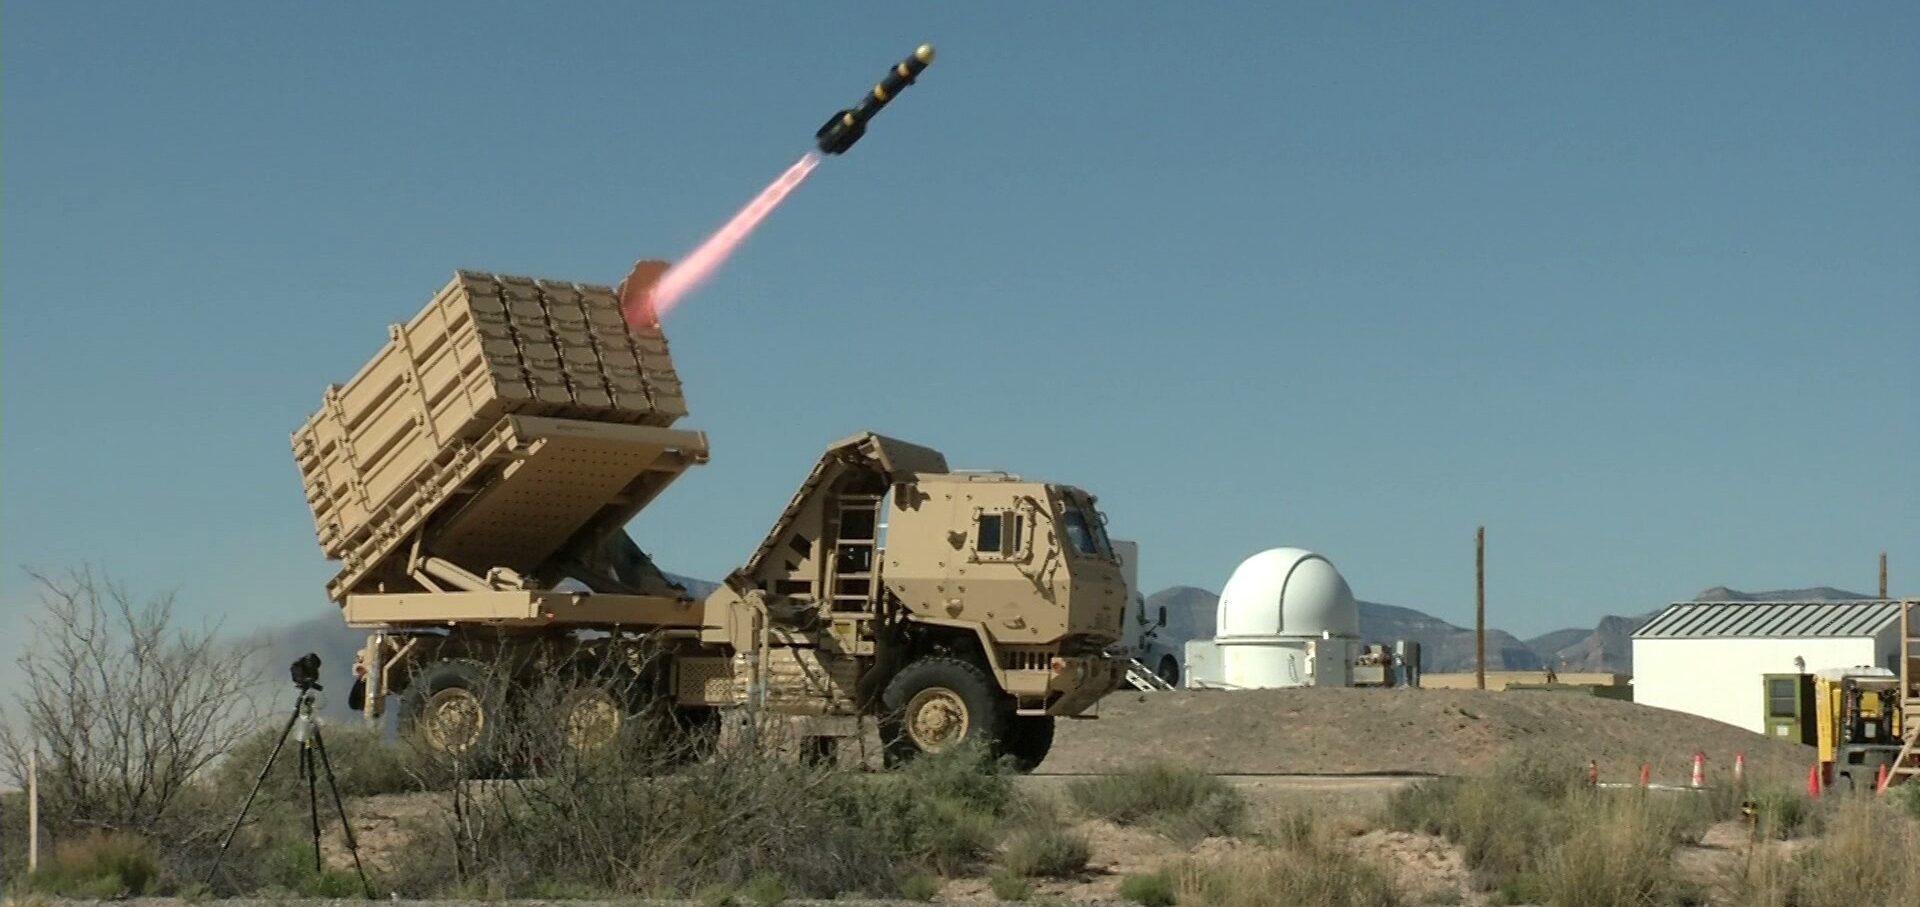 Οι ΗΠΑ δοκιμάζουν χαμηλού κόστους σύστημα ANTI-DRONE